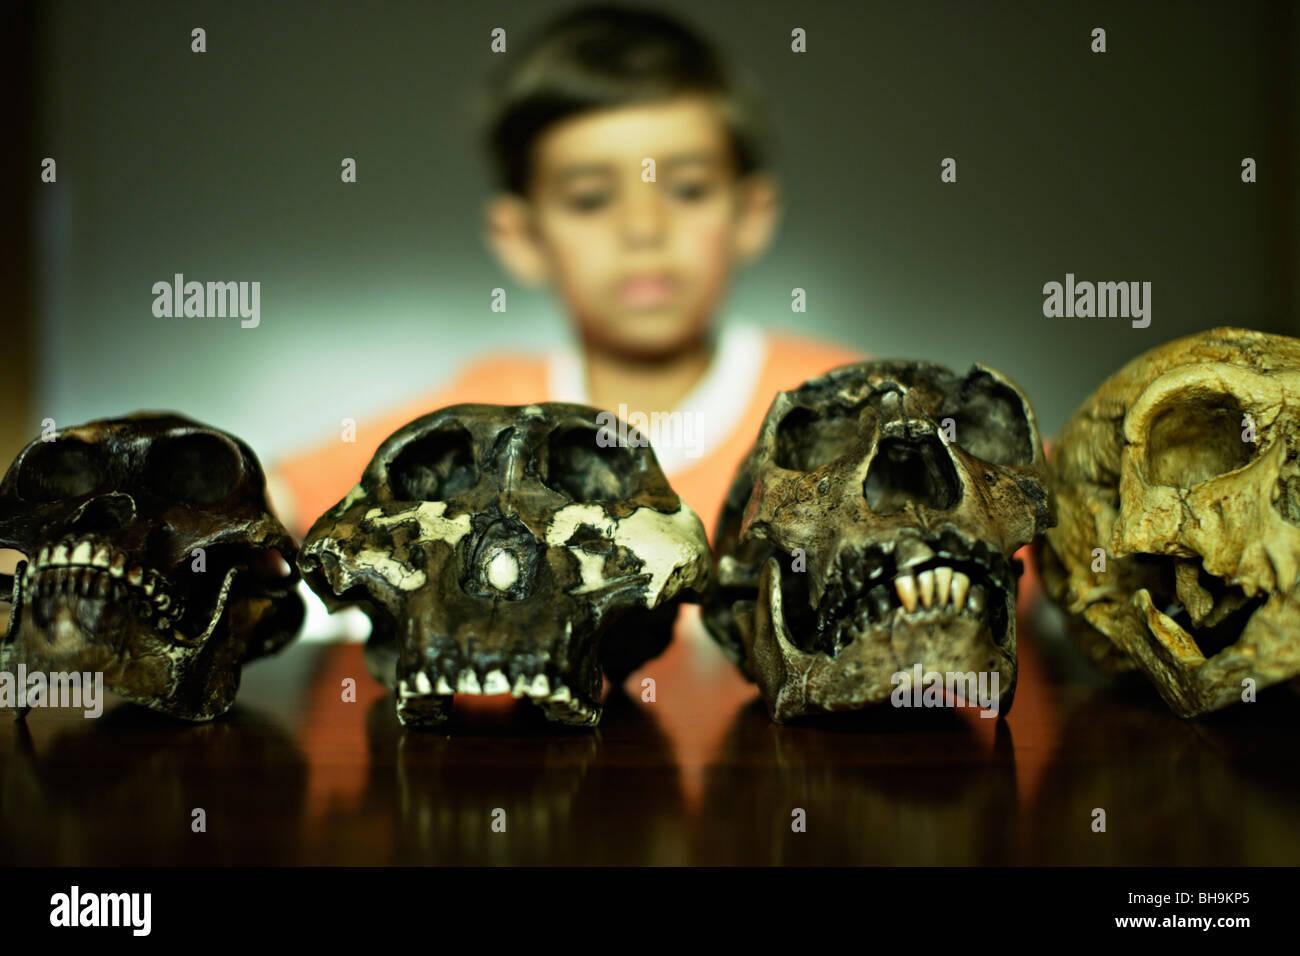 Junge schaut Reproduktion Schädel der ausgestorbenen Vorfahren des Menschen Stockbild